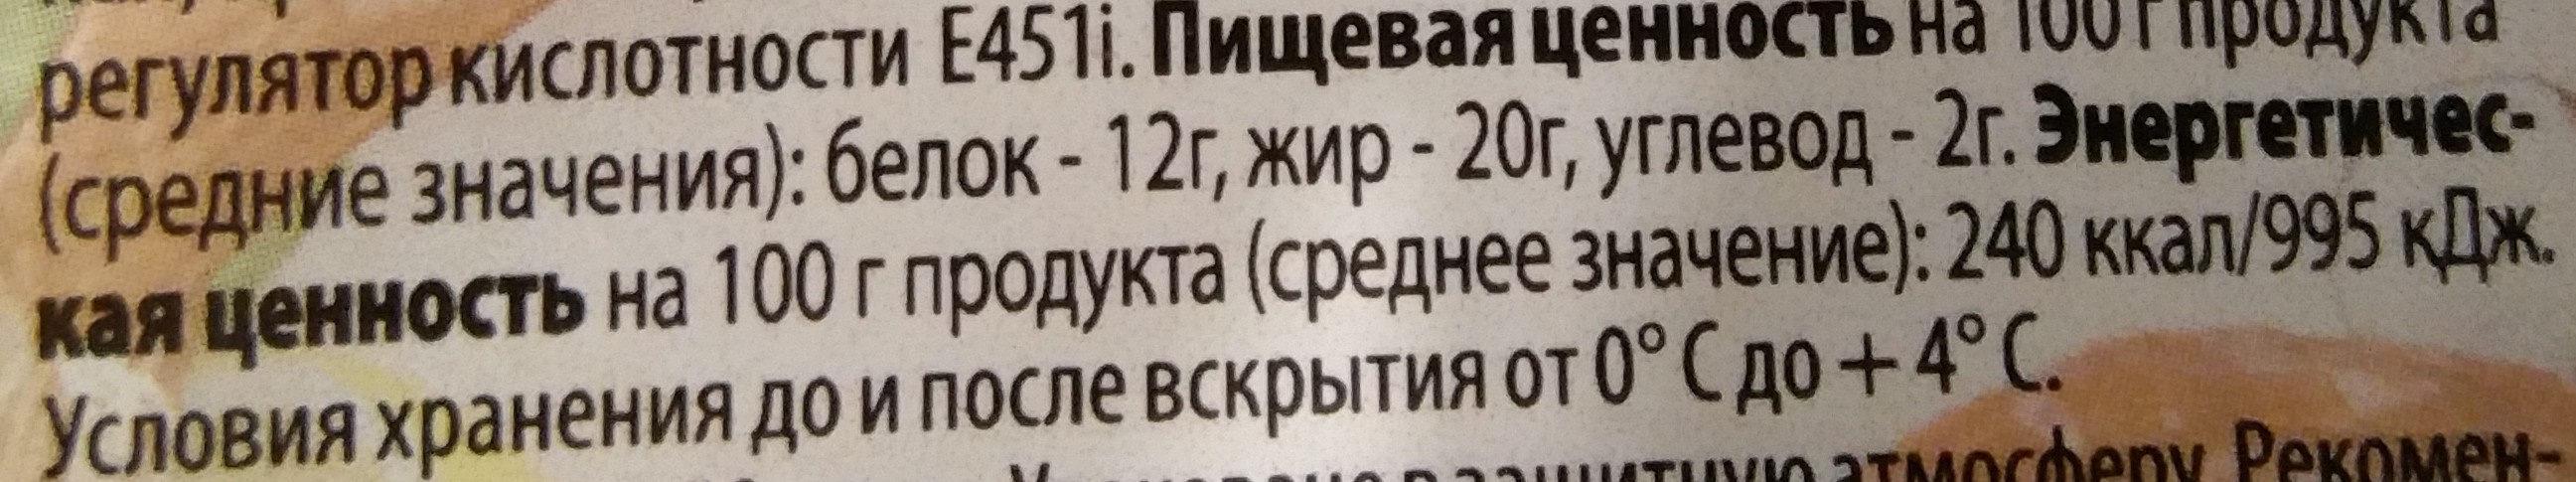 Фарш говяжий - Nutrition facts - ru